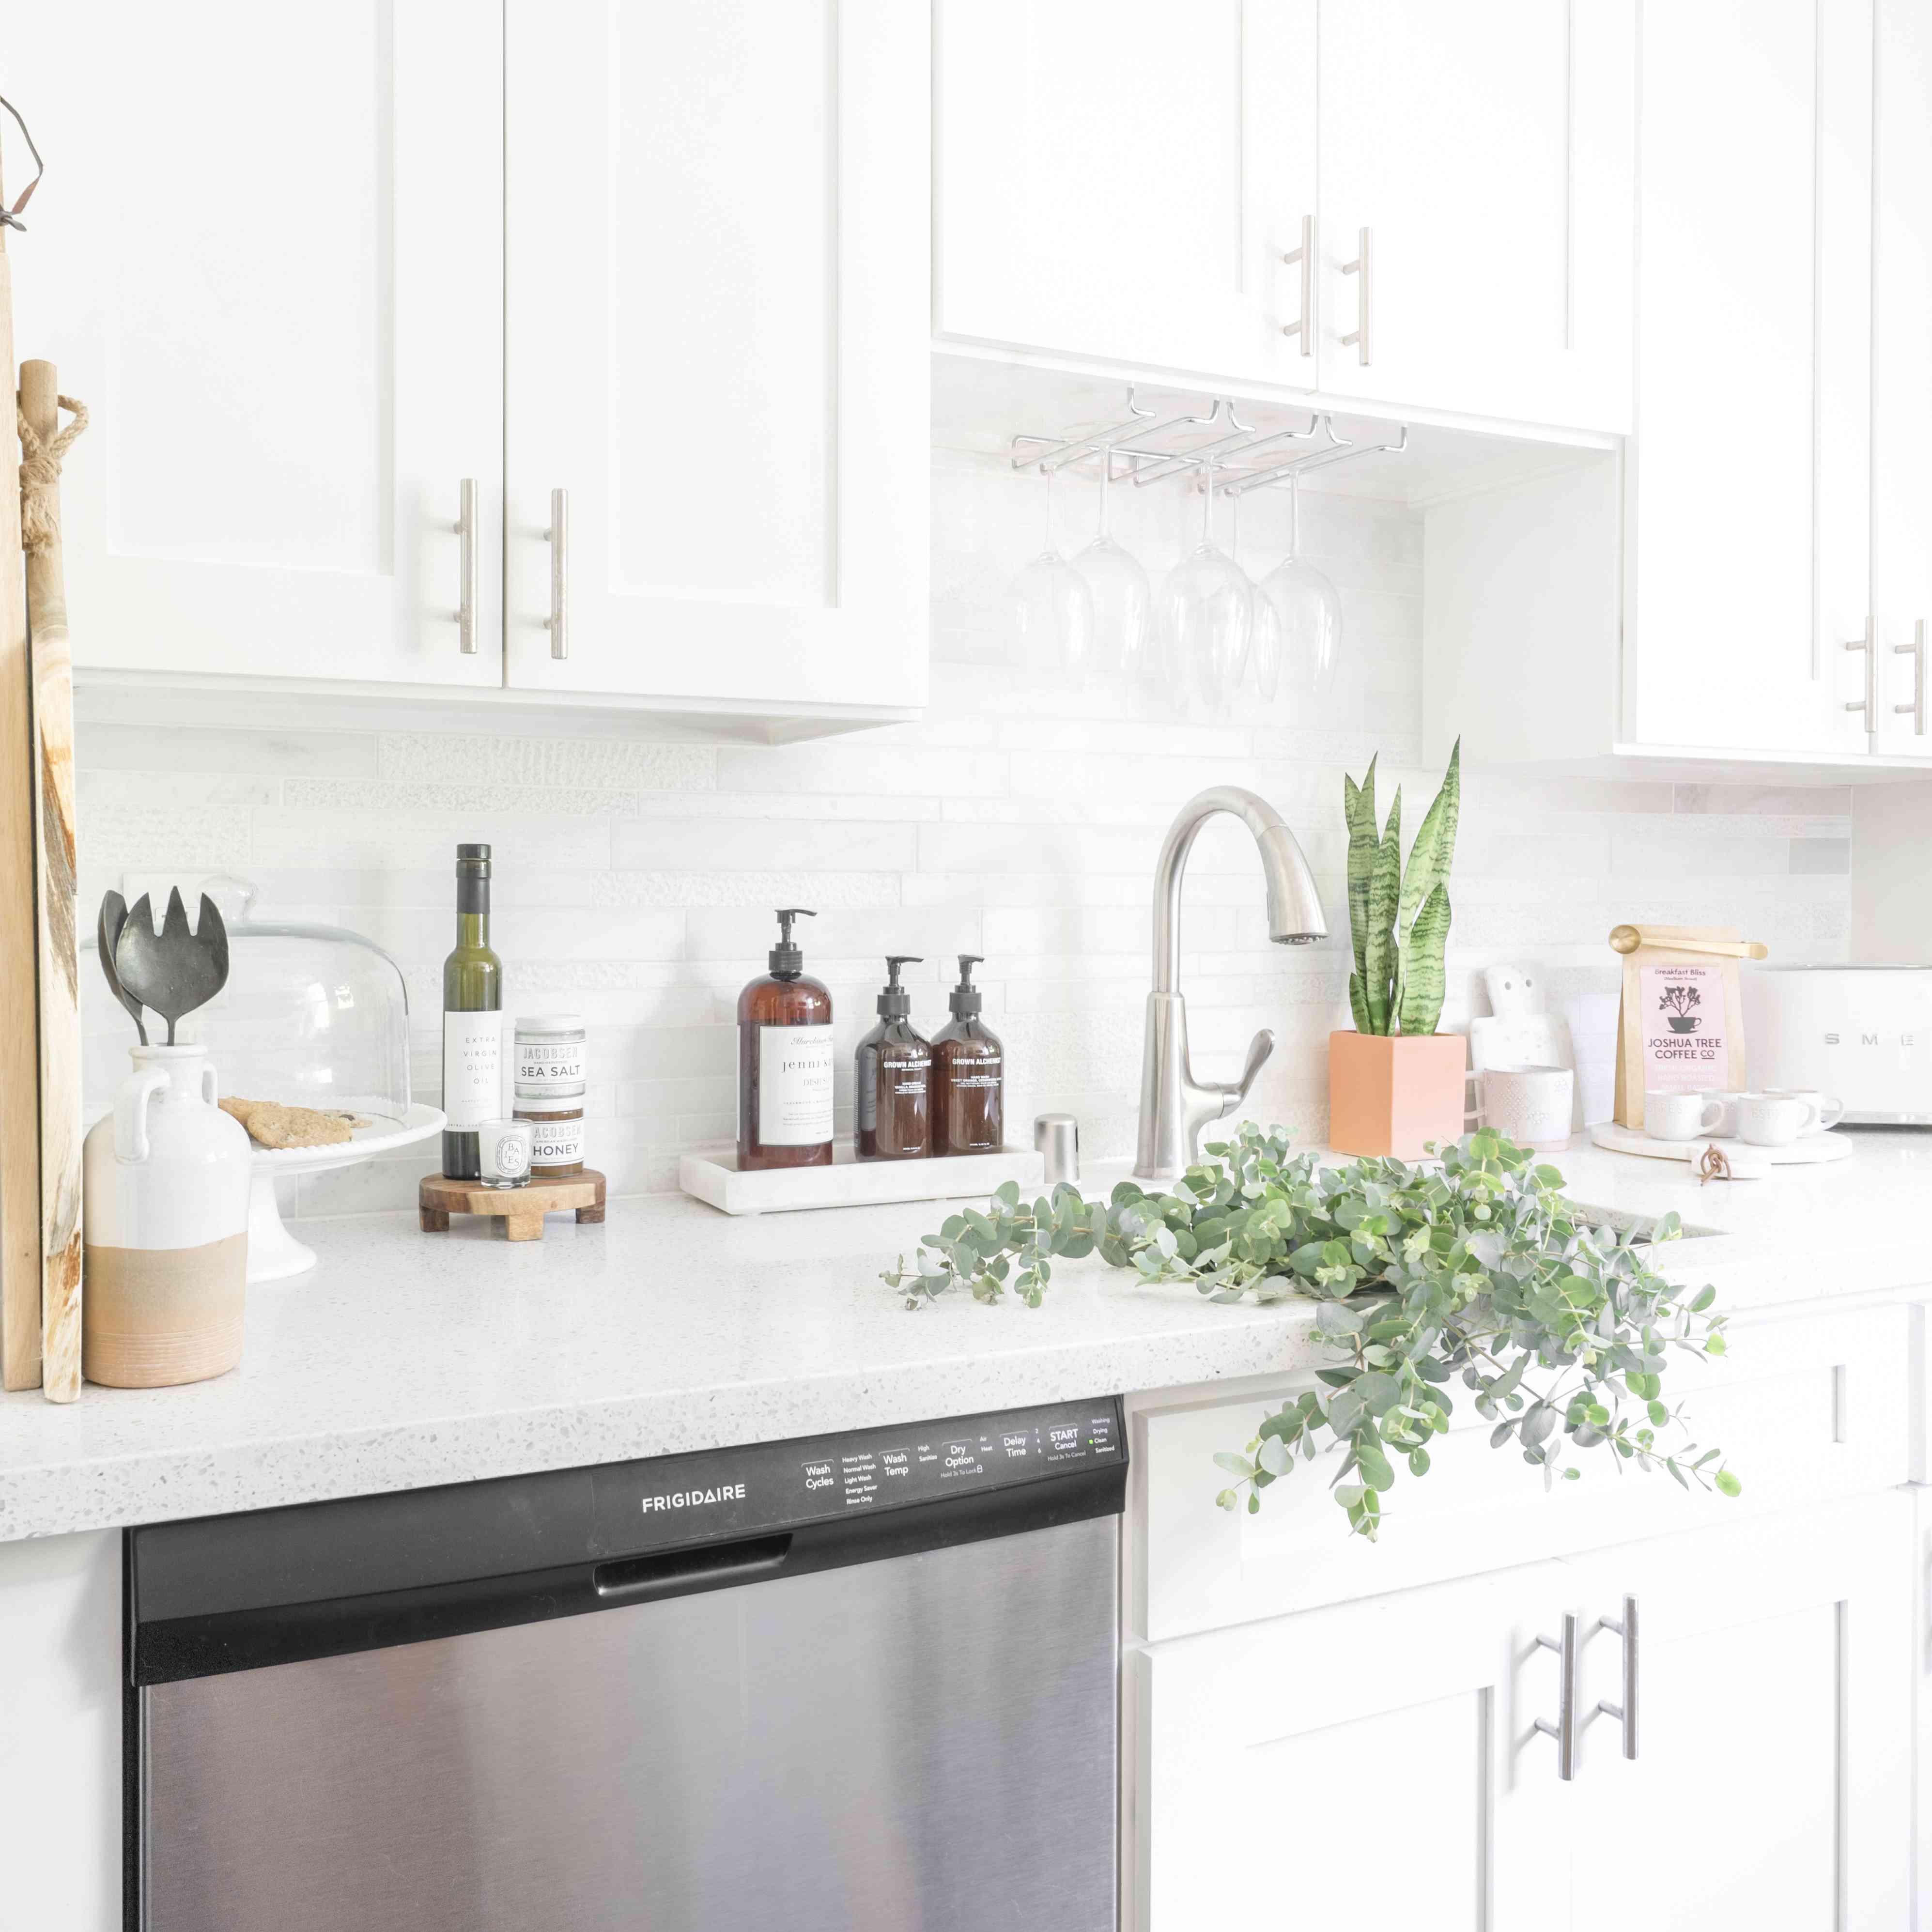 alisha agrellas home tour - cocina con plantas